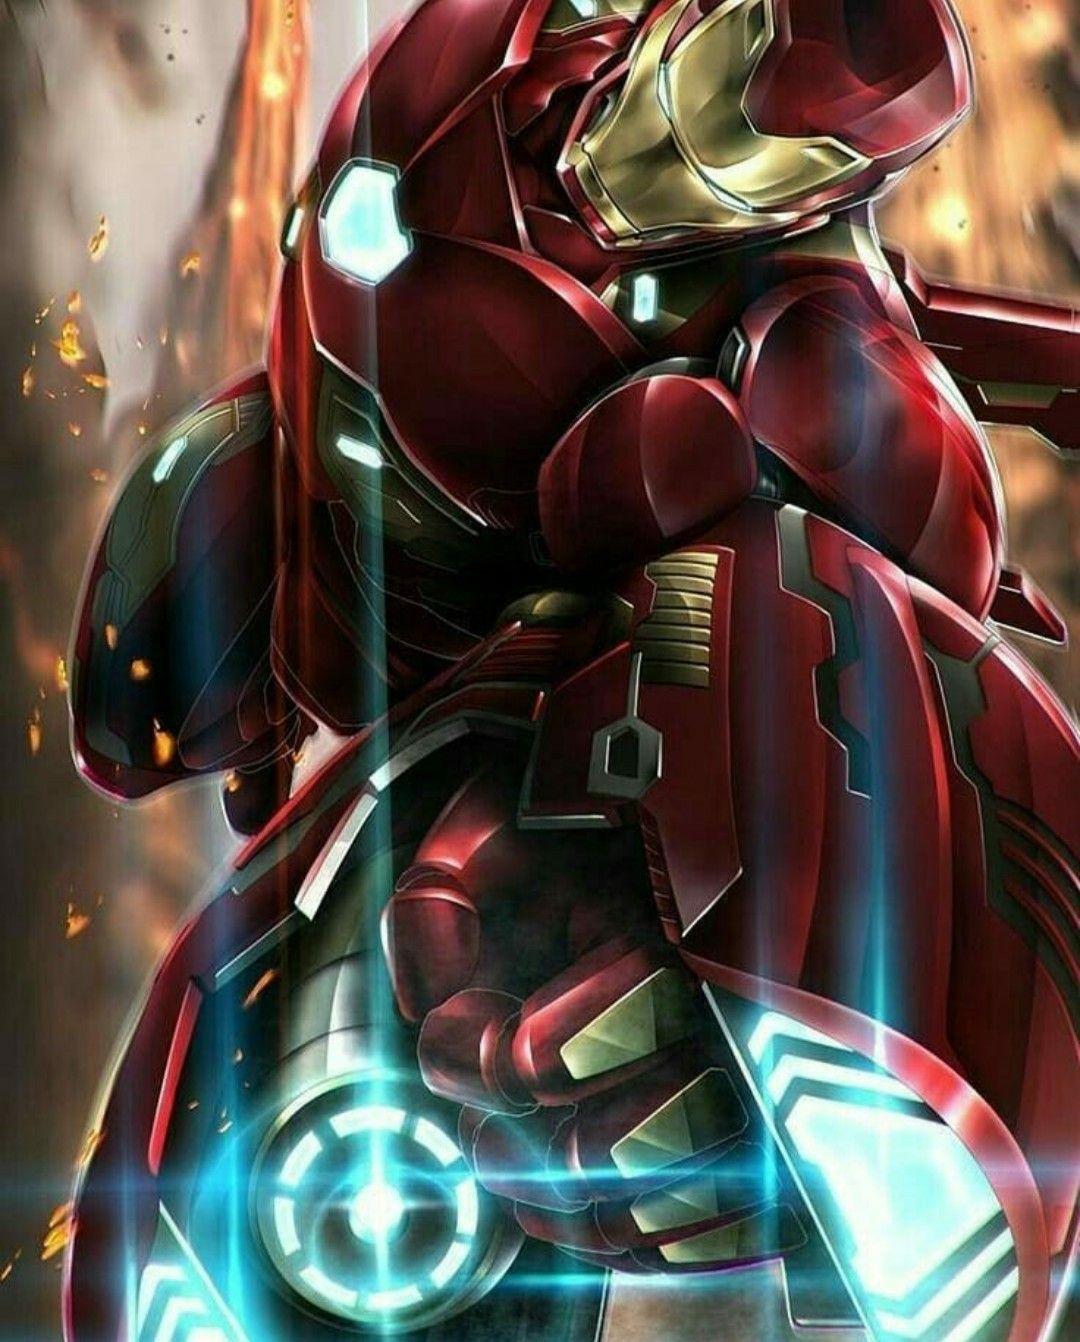 Pin by Toni Stark on Ironman MCU in 2020 Iron man